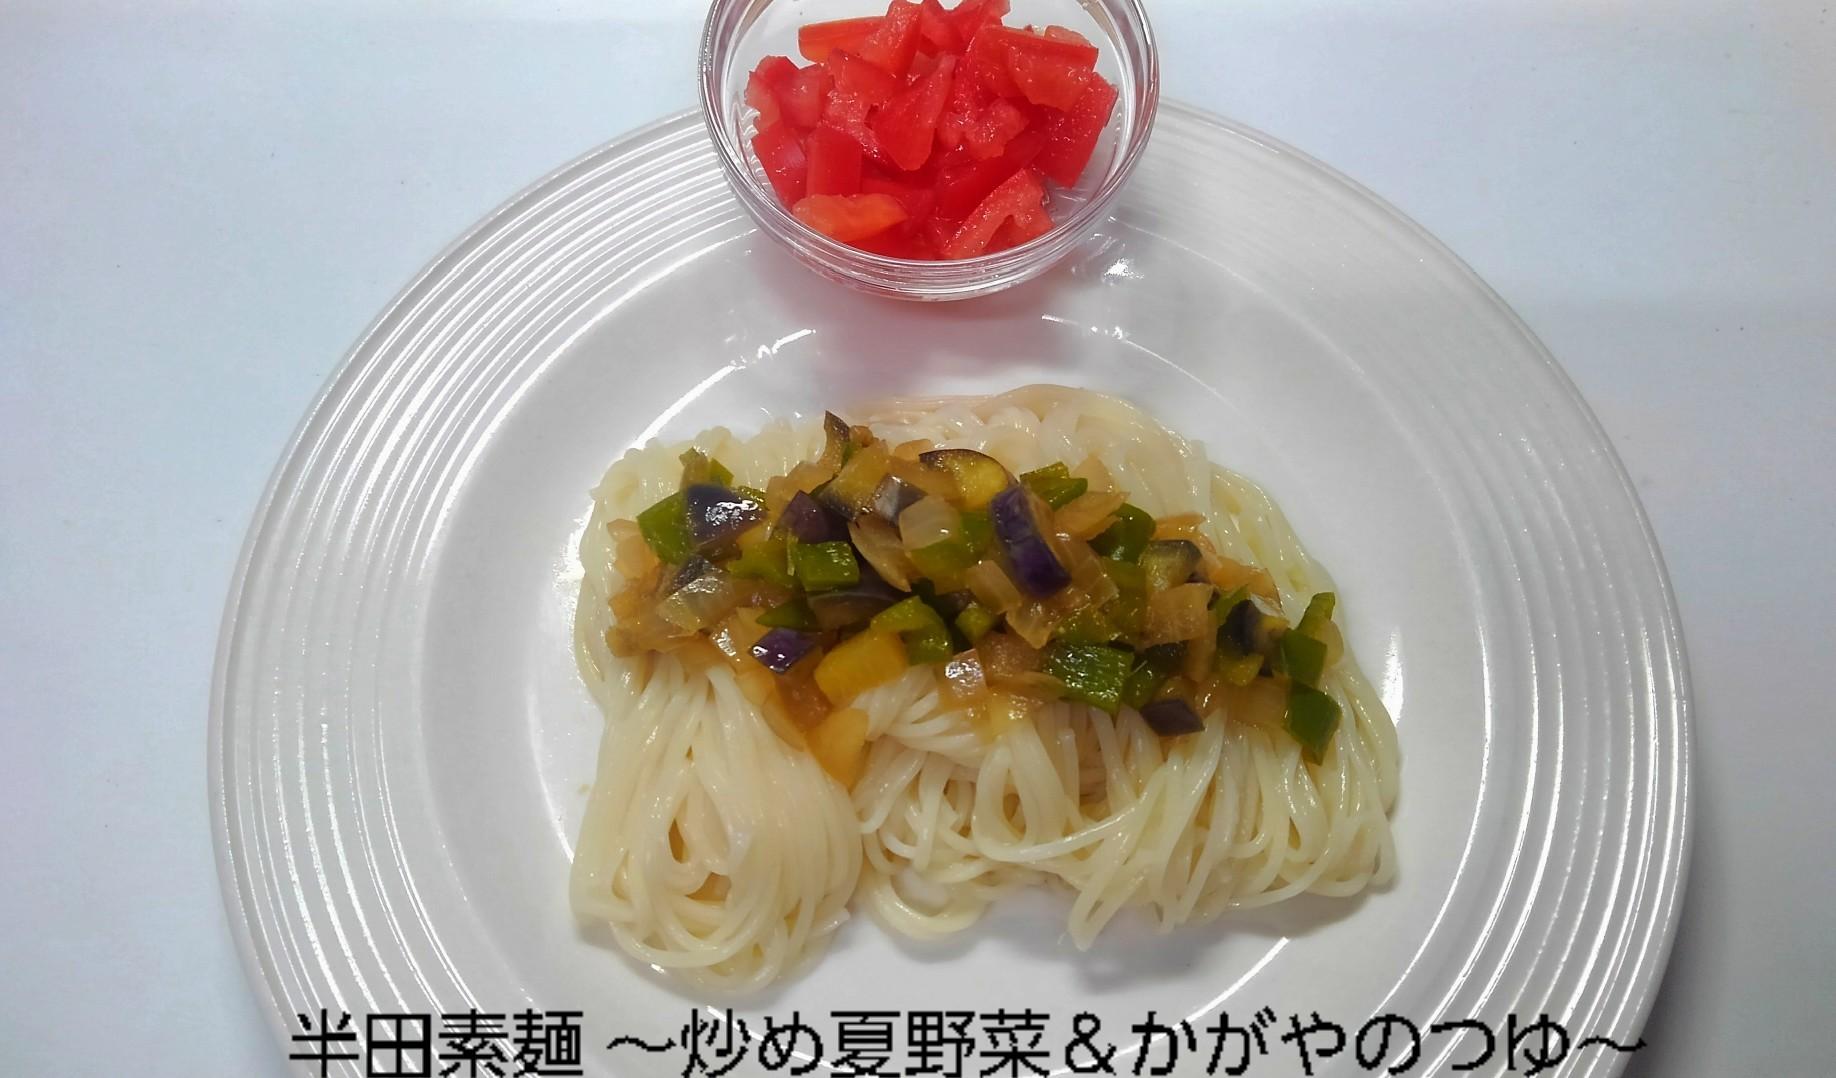 半田素麺、文士の真似スタイル_b0339522_05073872.jpg